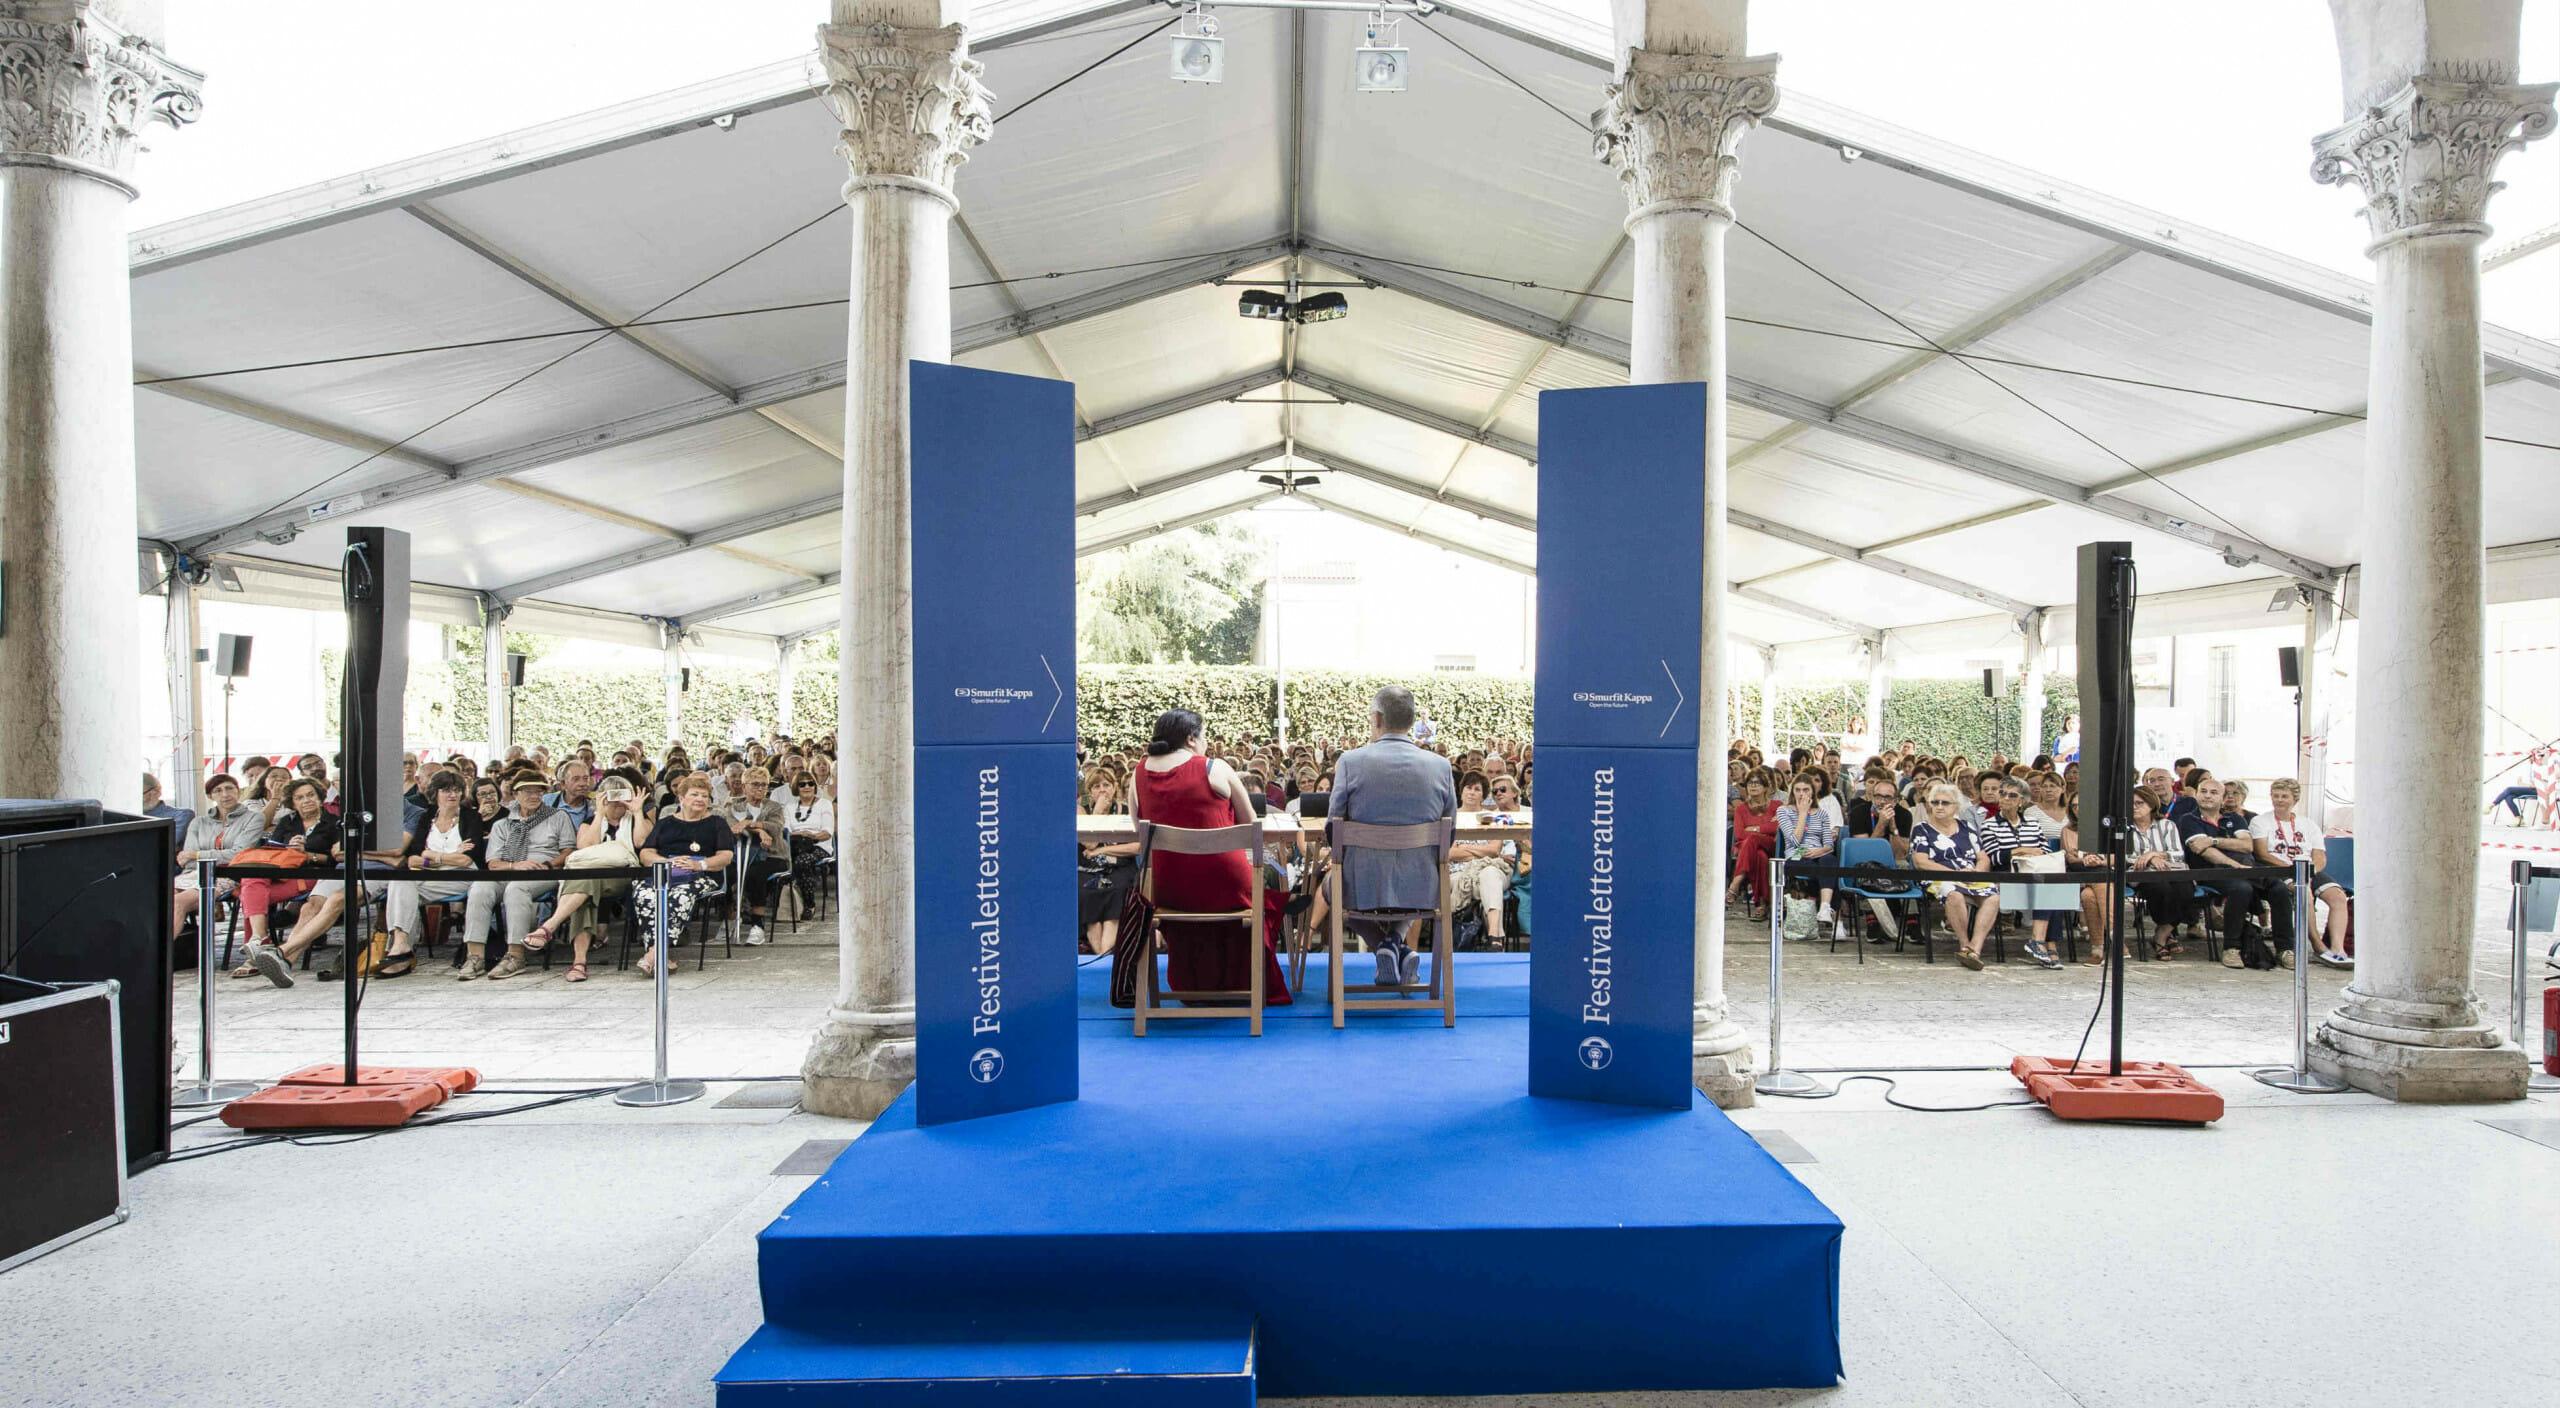 A Mantova il Festivaletteratura 2019: i protagonisti, i temi e le novità